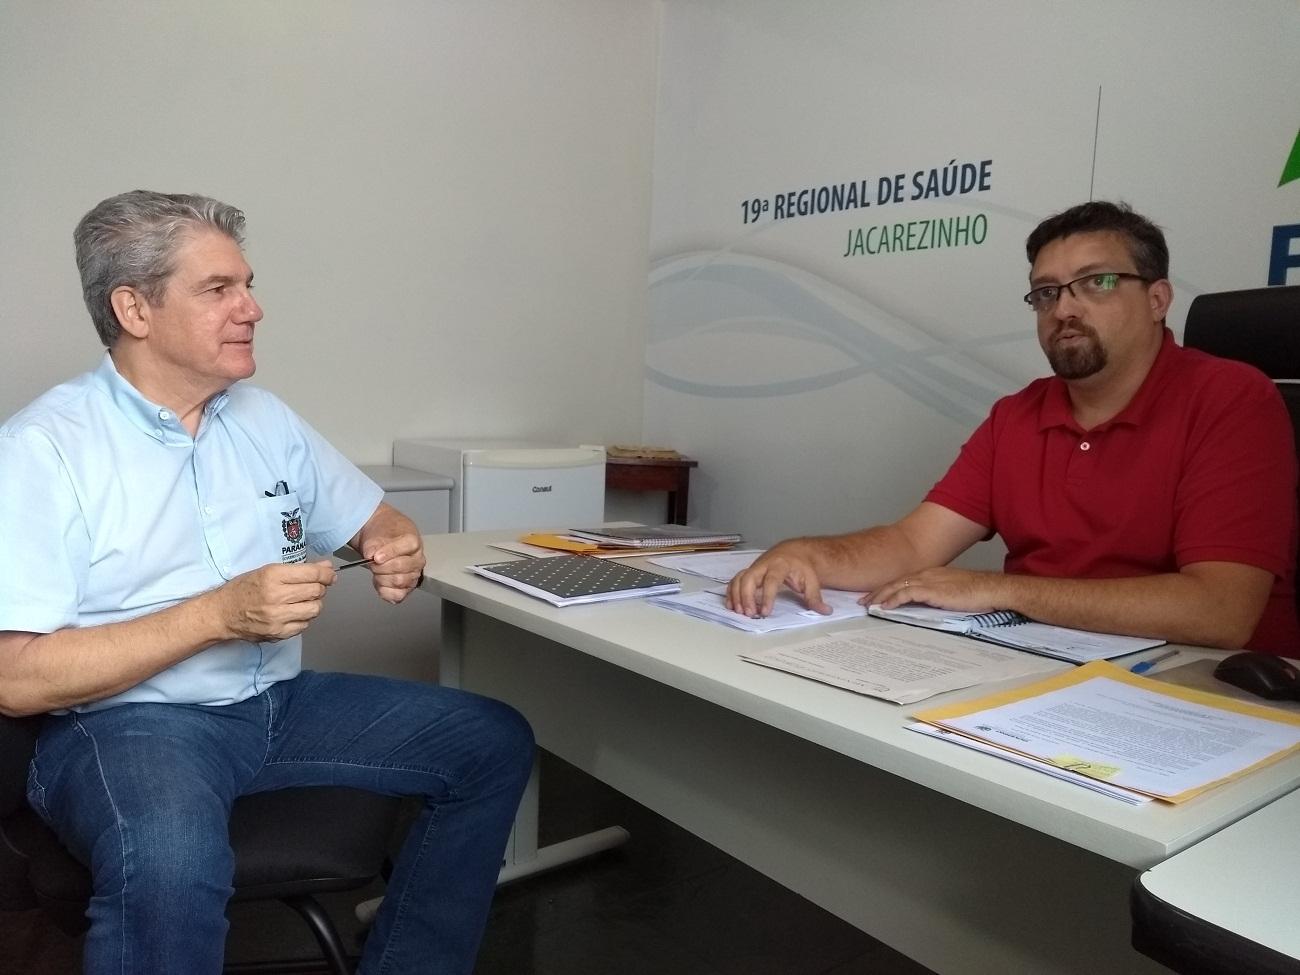 Três municípios da região sob risco de epidemia de dengue